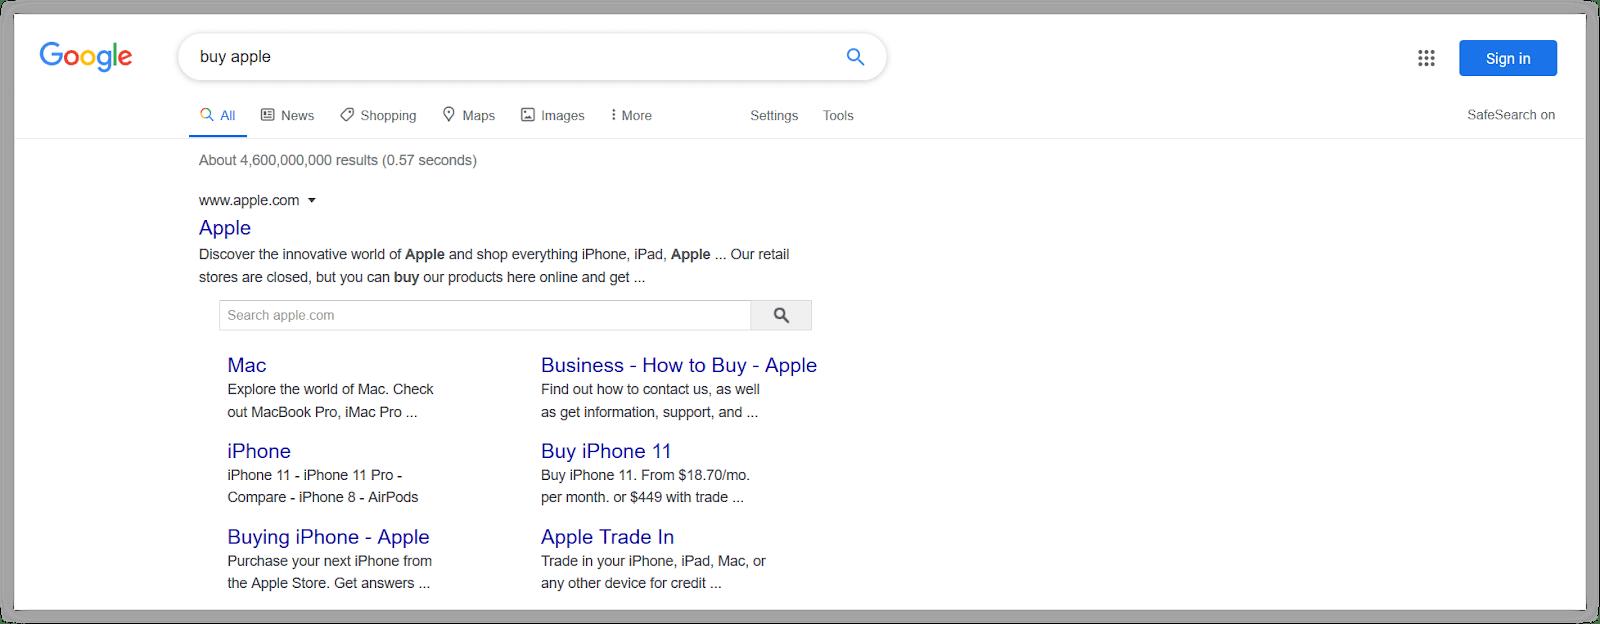 Contoh penerapan algoritma Google Rank Brain